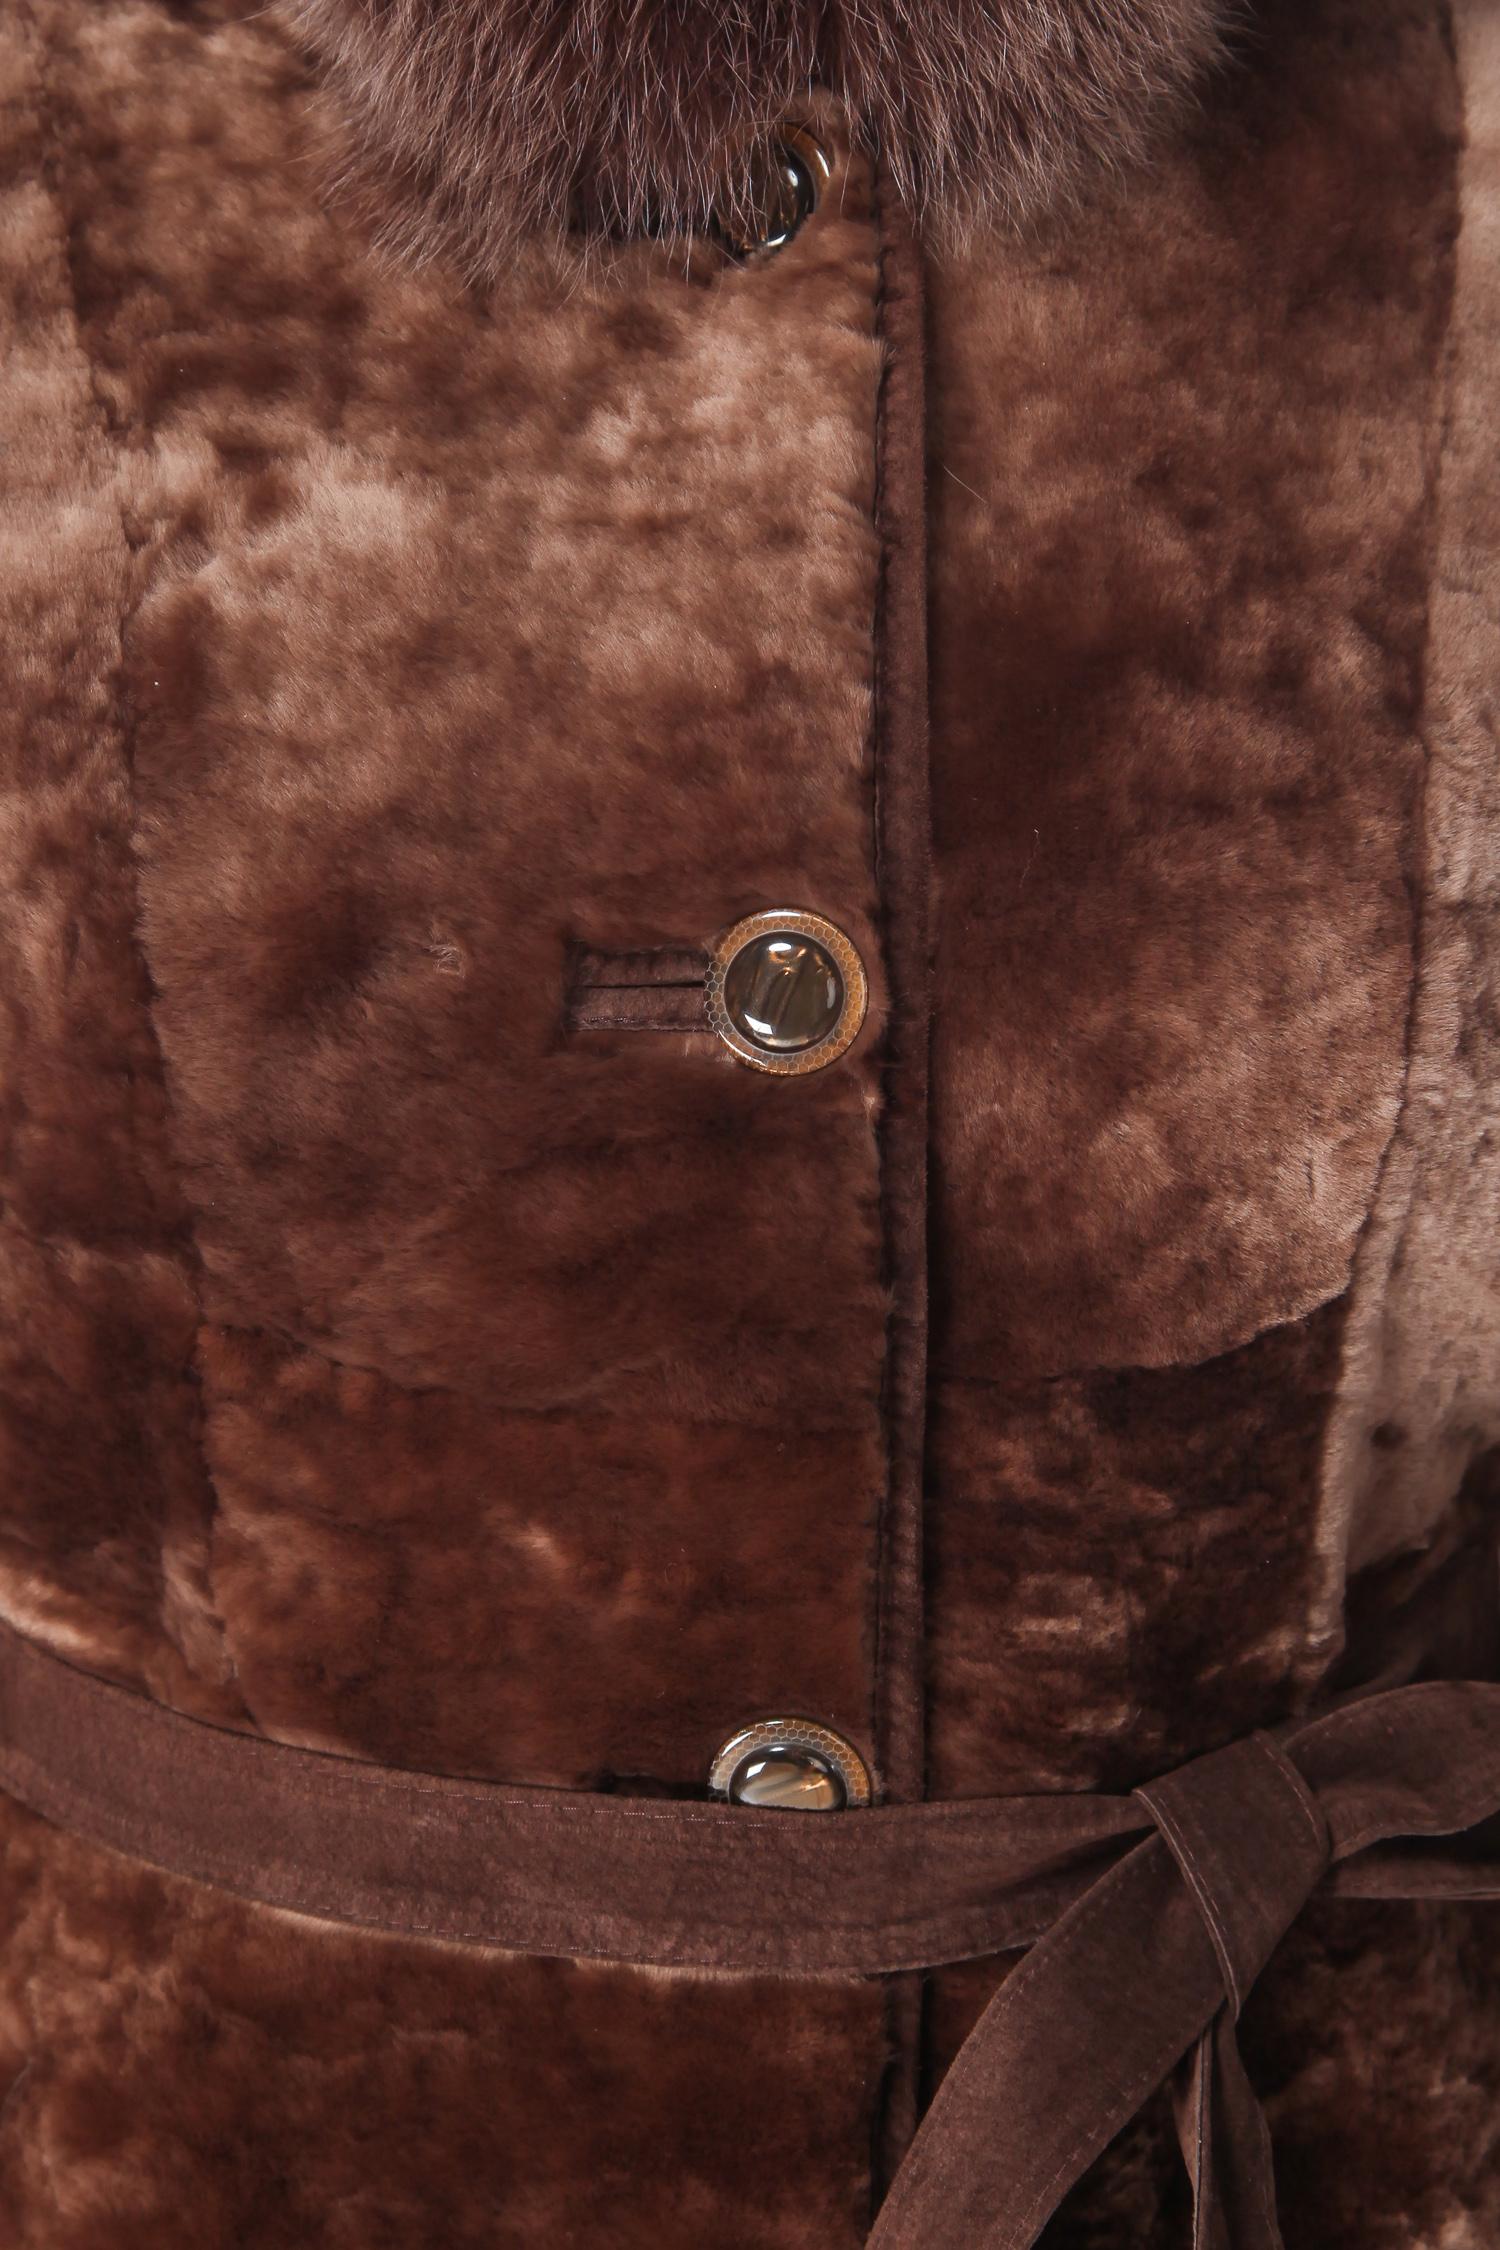 Шуба из мутона с капюшоном, отделка песец от Московская Меховая Компания